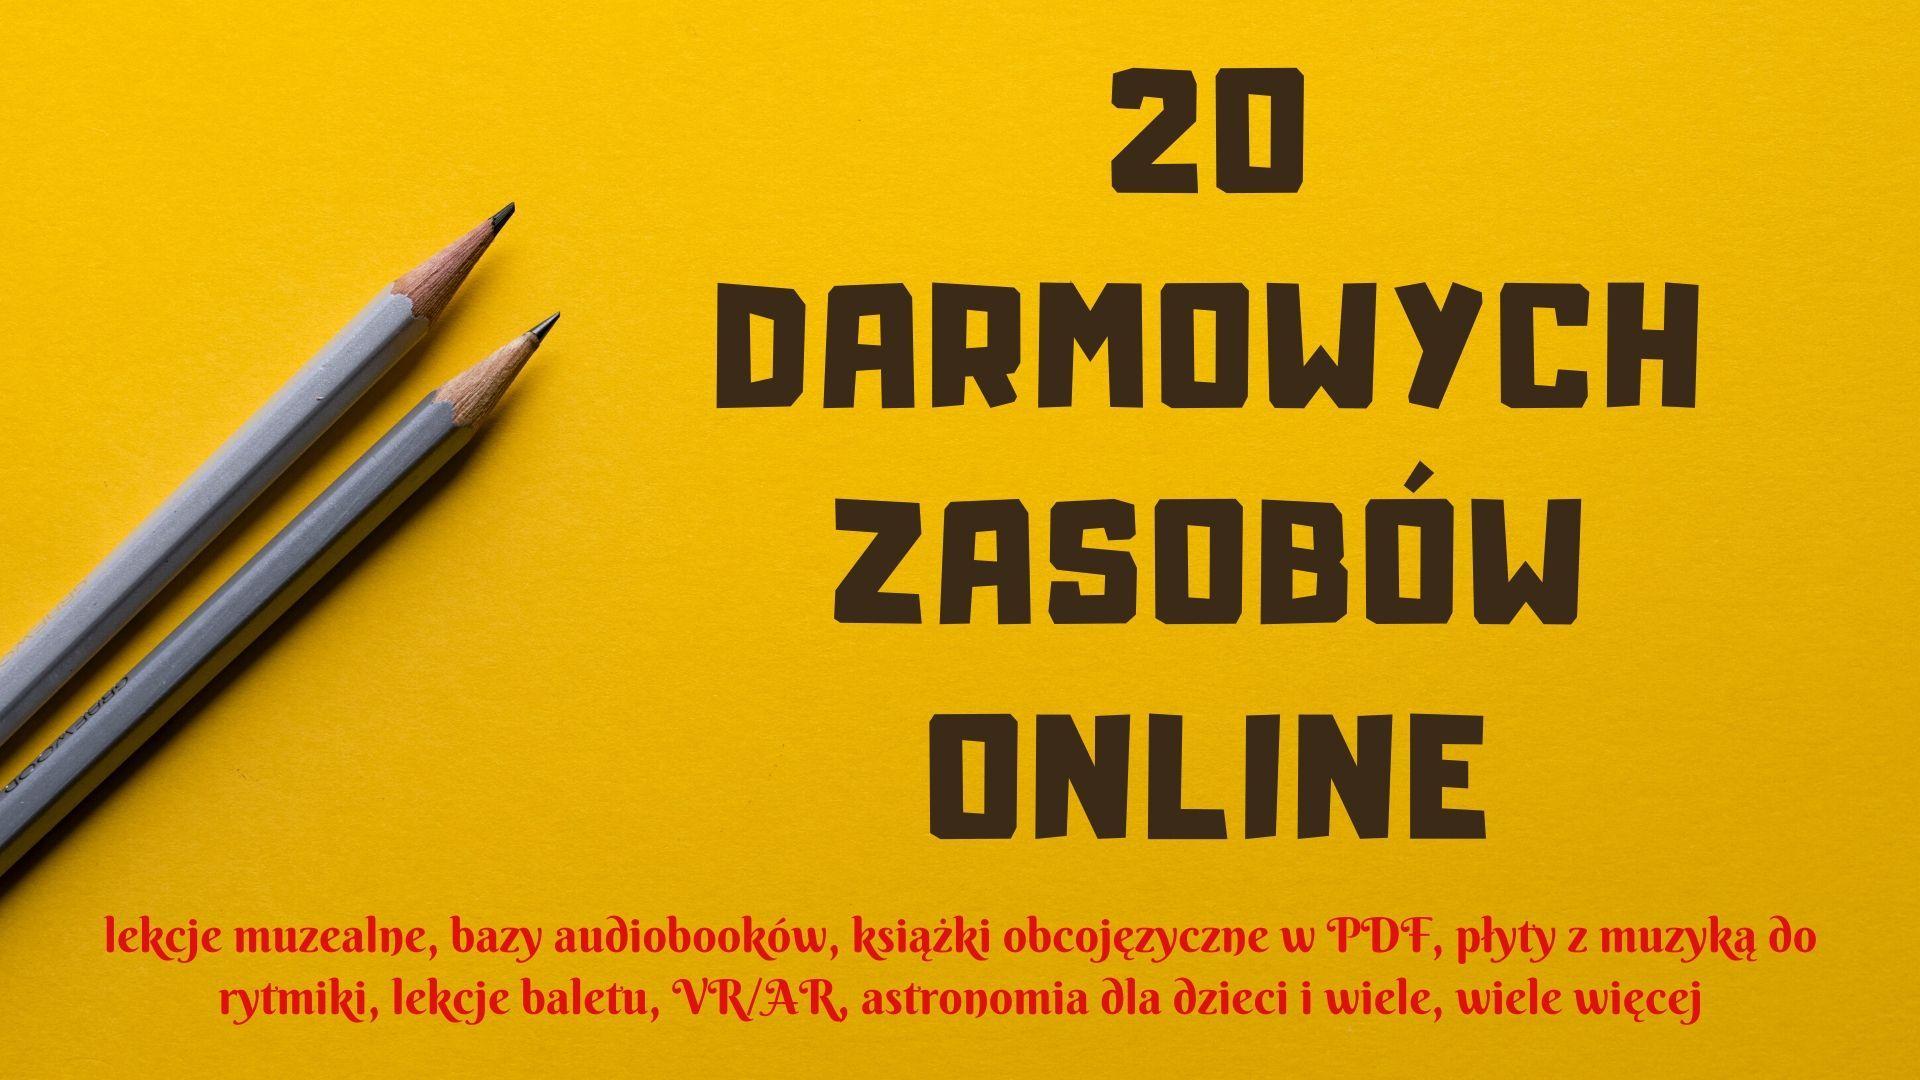 Katalog wartościowych i darmowych zasobów edukacyjnych online - 20 stron!